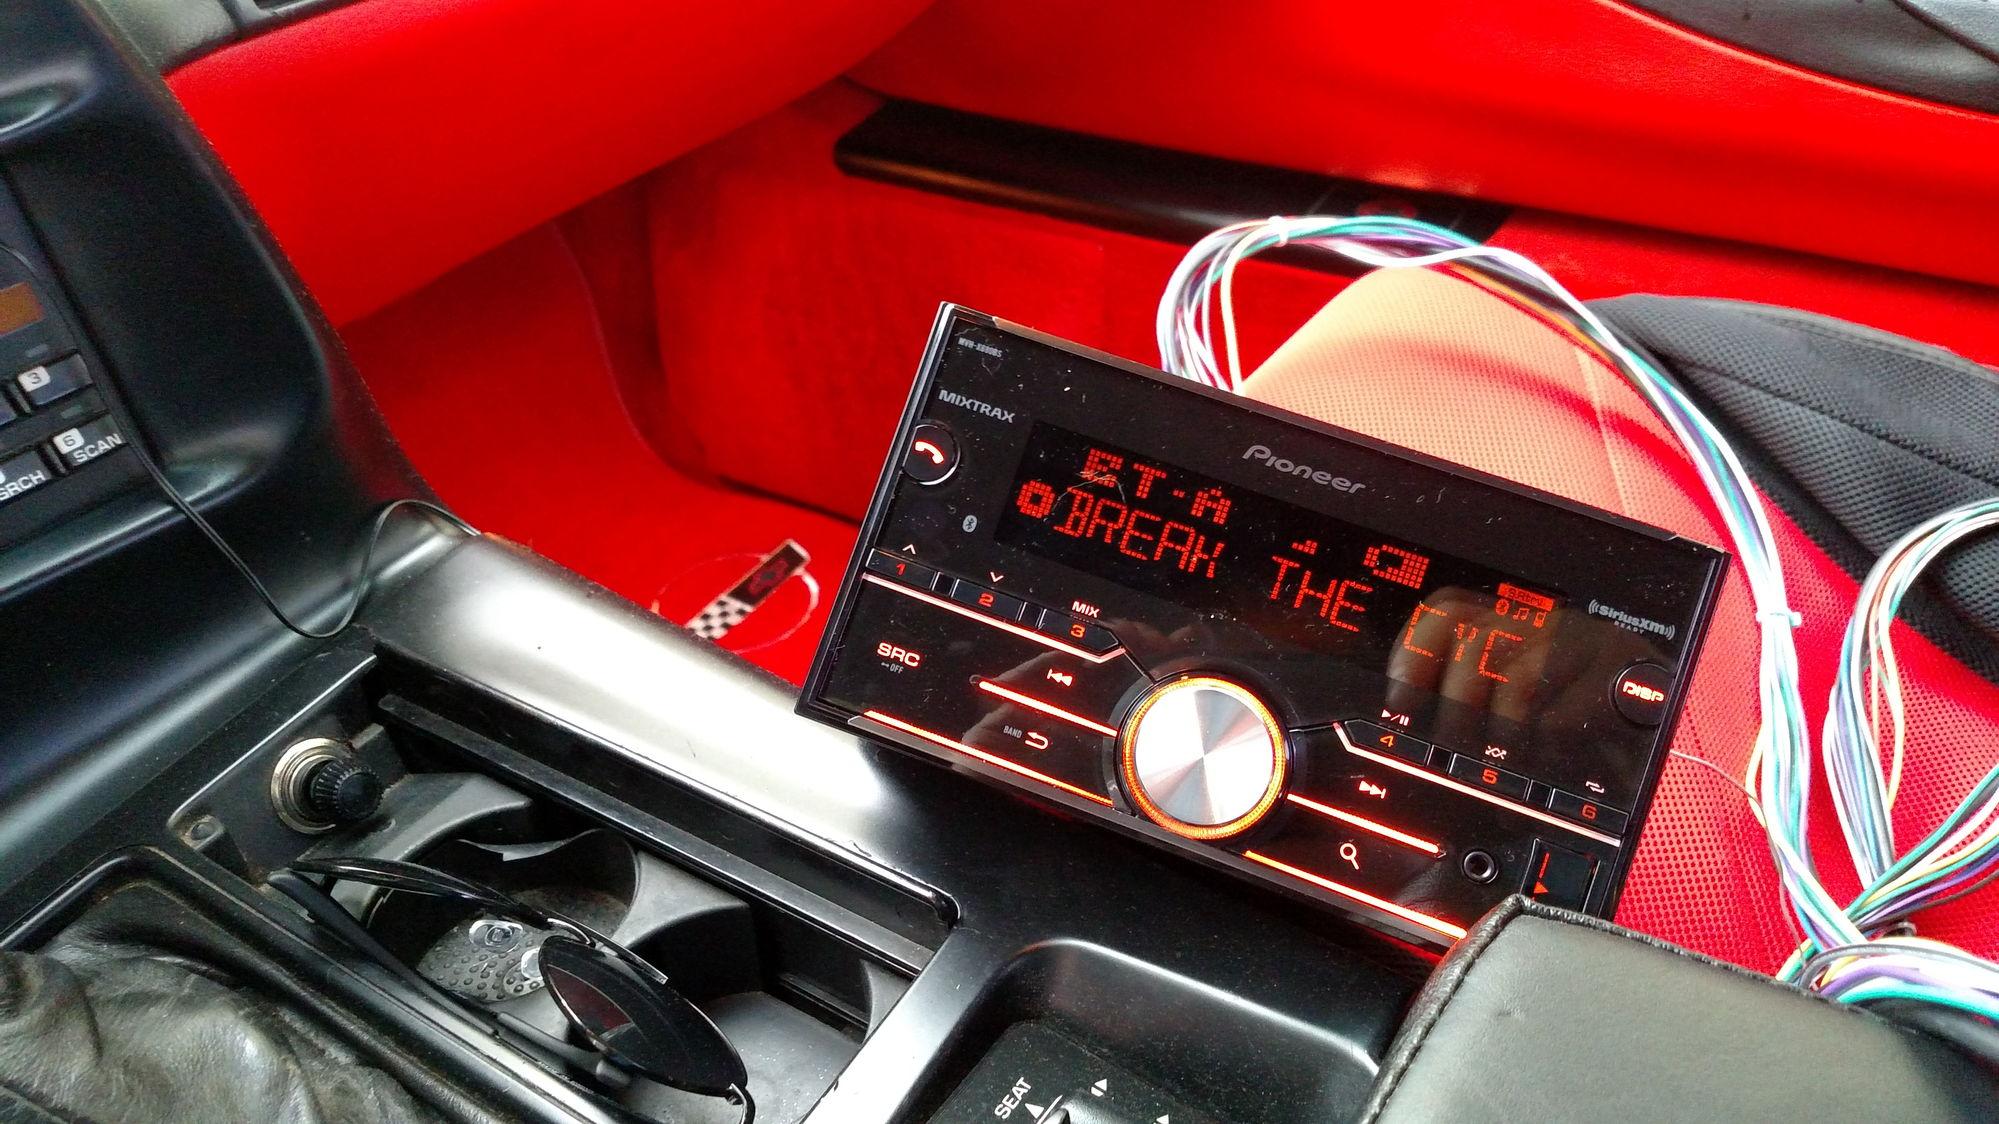 Fantastisch C4 Corvette Schaltplan Für Radio Ideen - Die Besten ...